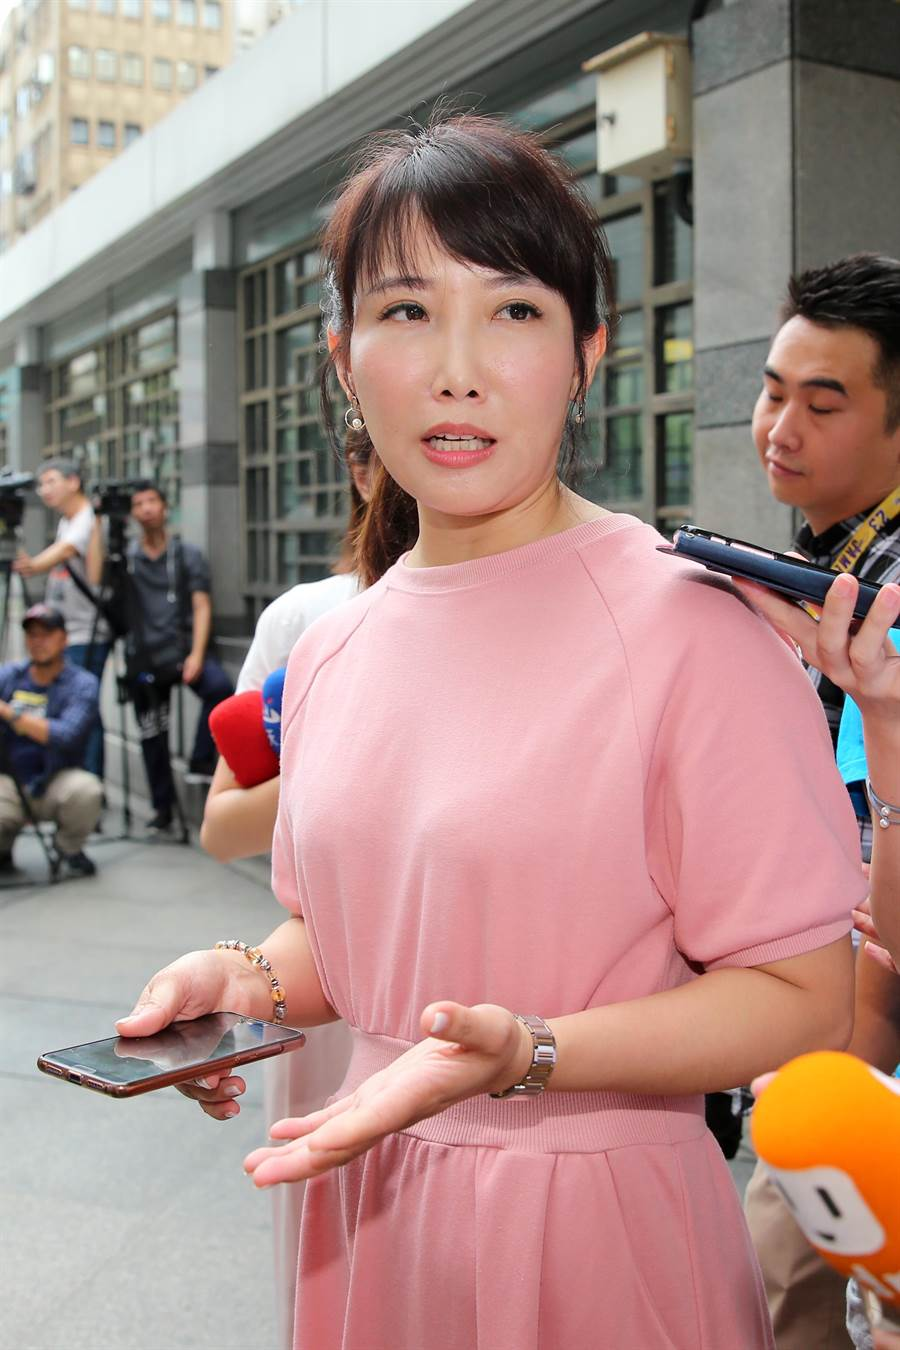 永齡基金會副執行長蔡沁瑜25日出面回應選戰議題。(黃世麒攝)